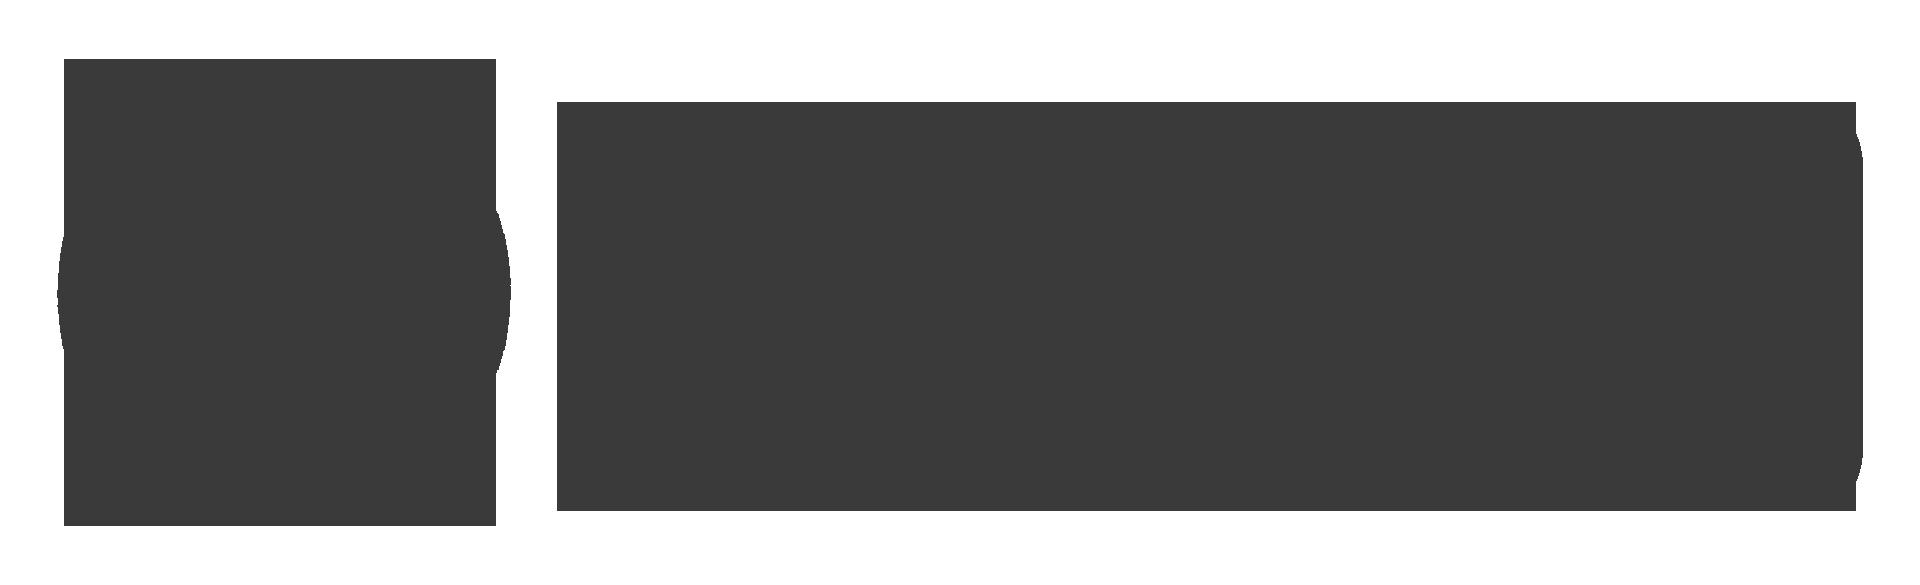 bebaptized.jpg